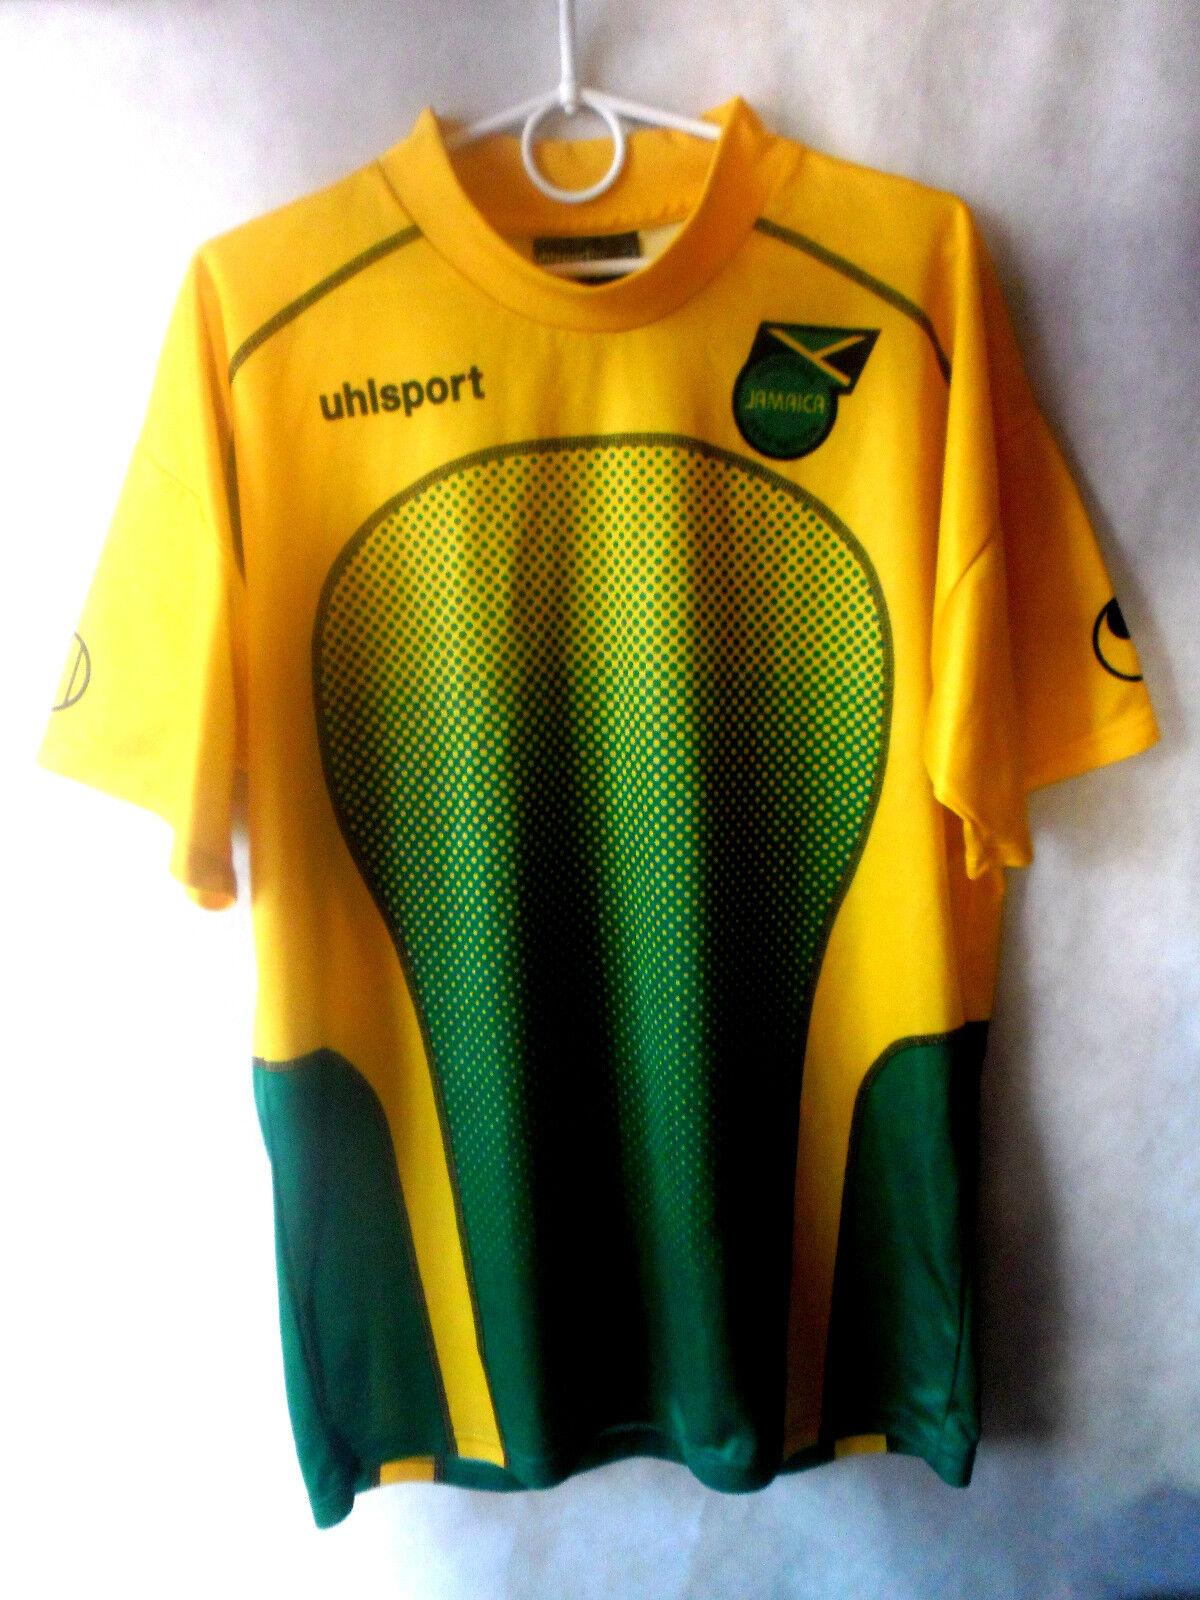 EXCELLENT     2004-06 Jamaica Home Shirt Jersey XL